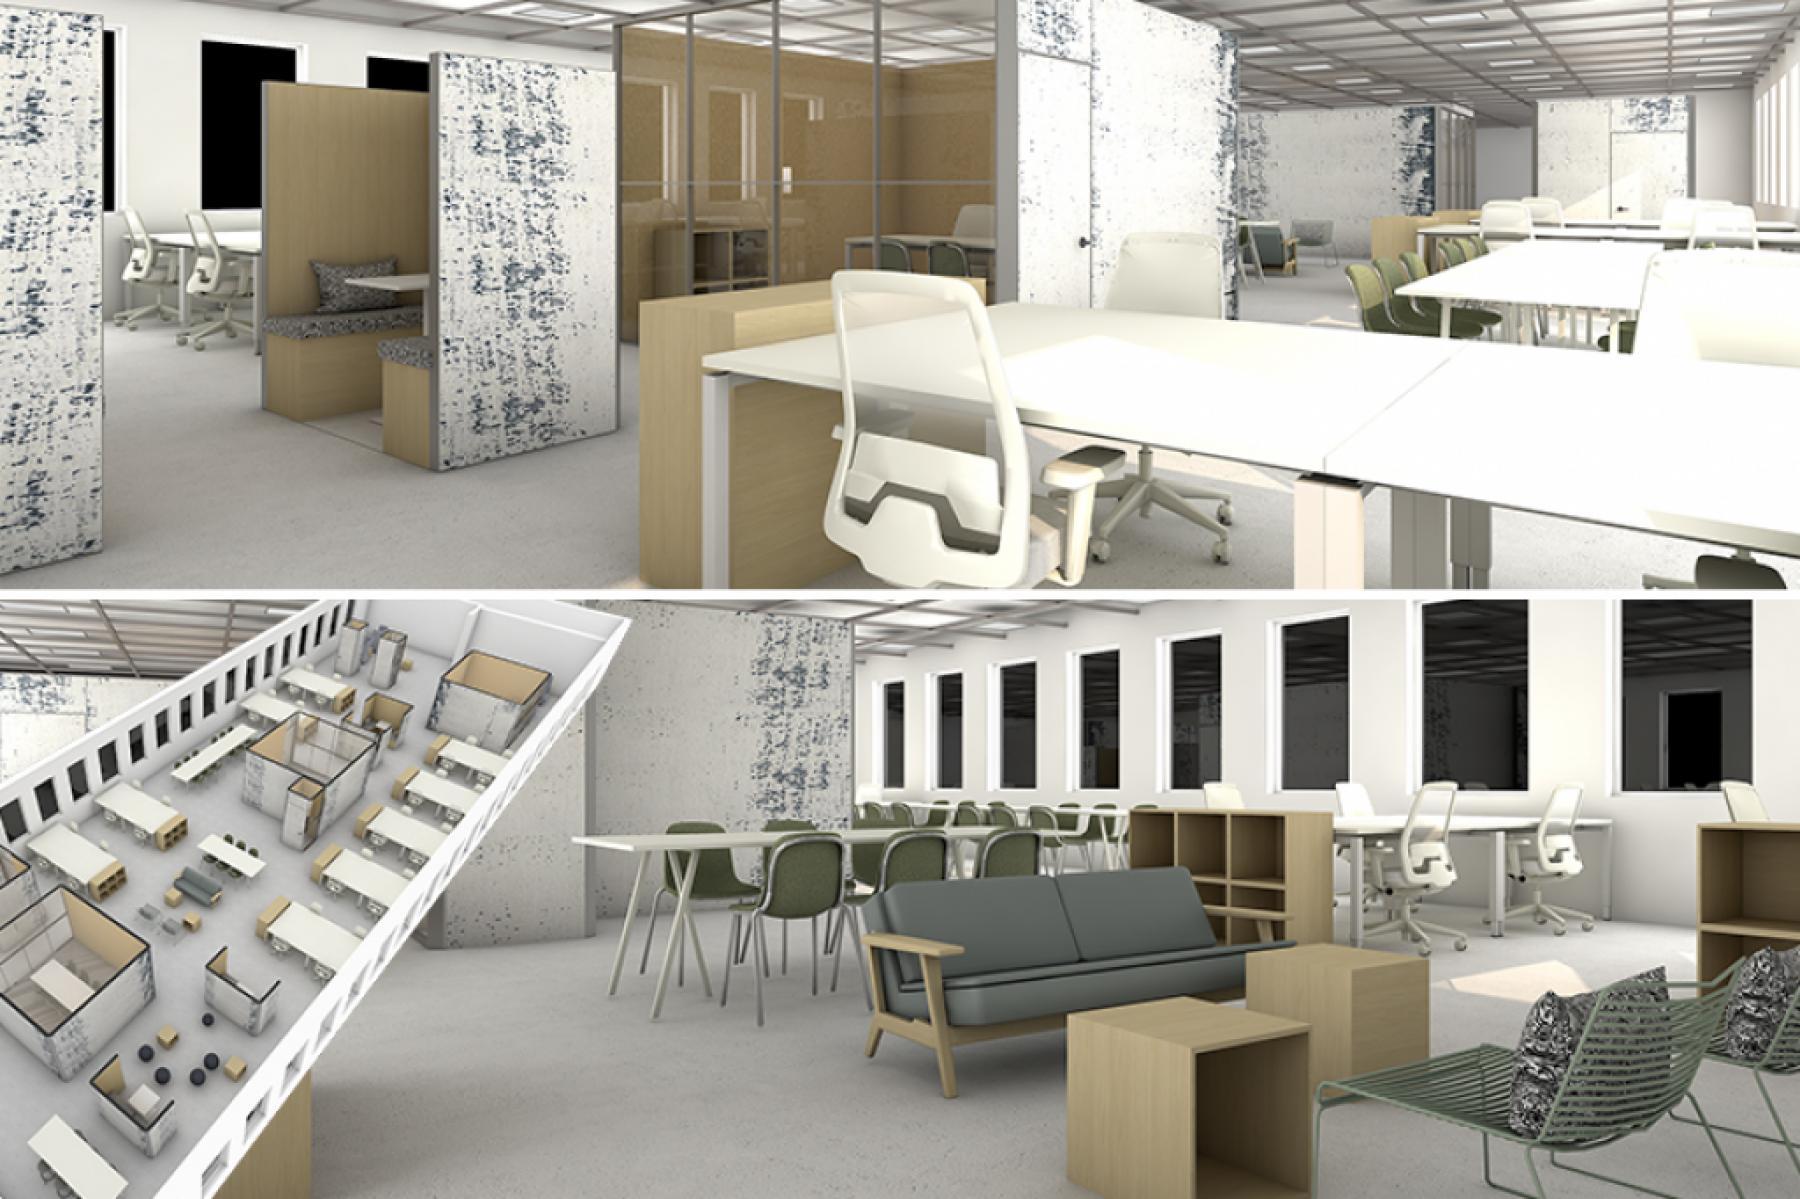 kantoorruimte officeplanner urban c4